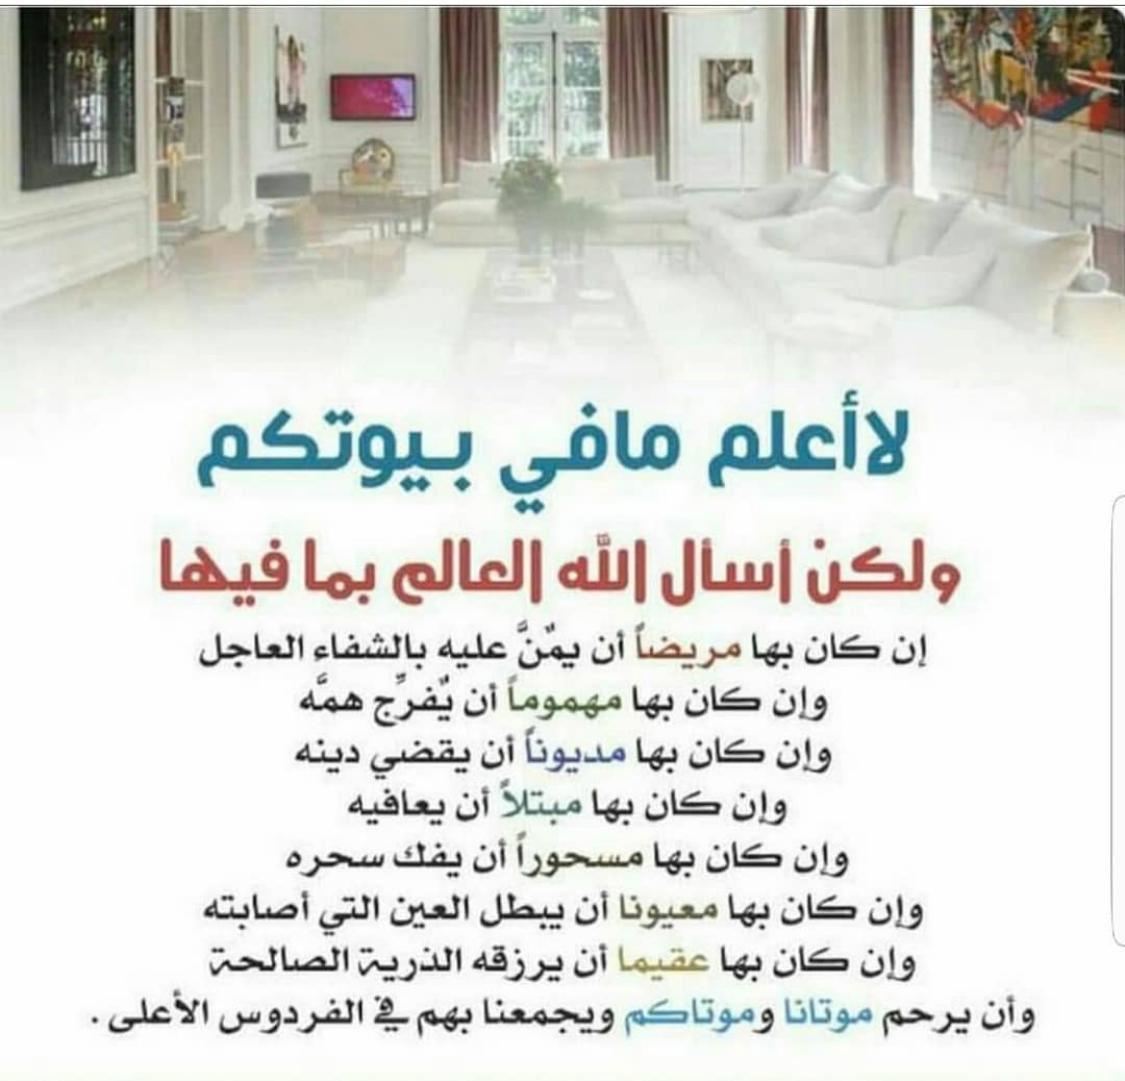 #اللهم_آمين https://t.co/fvAanutl5h